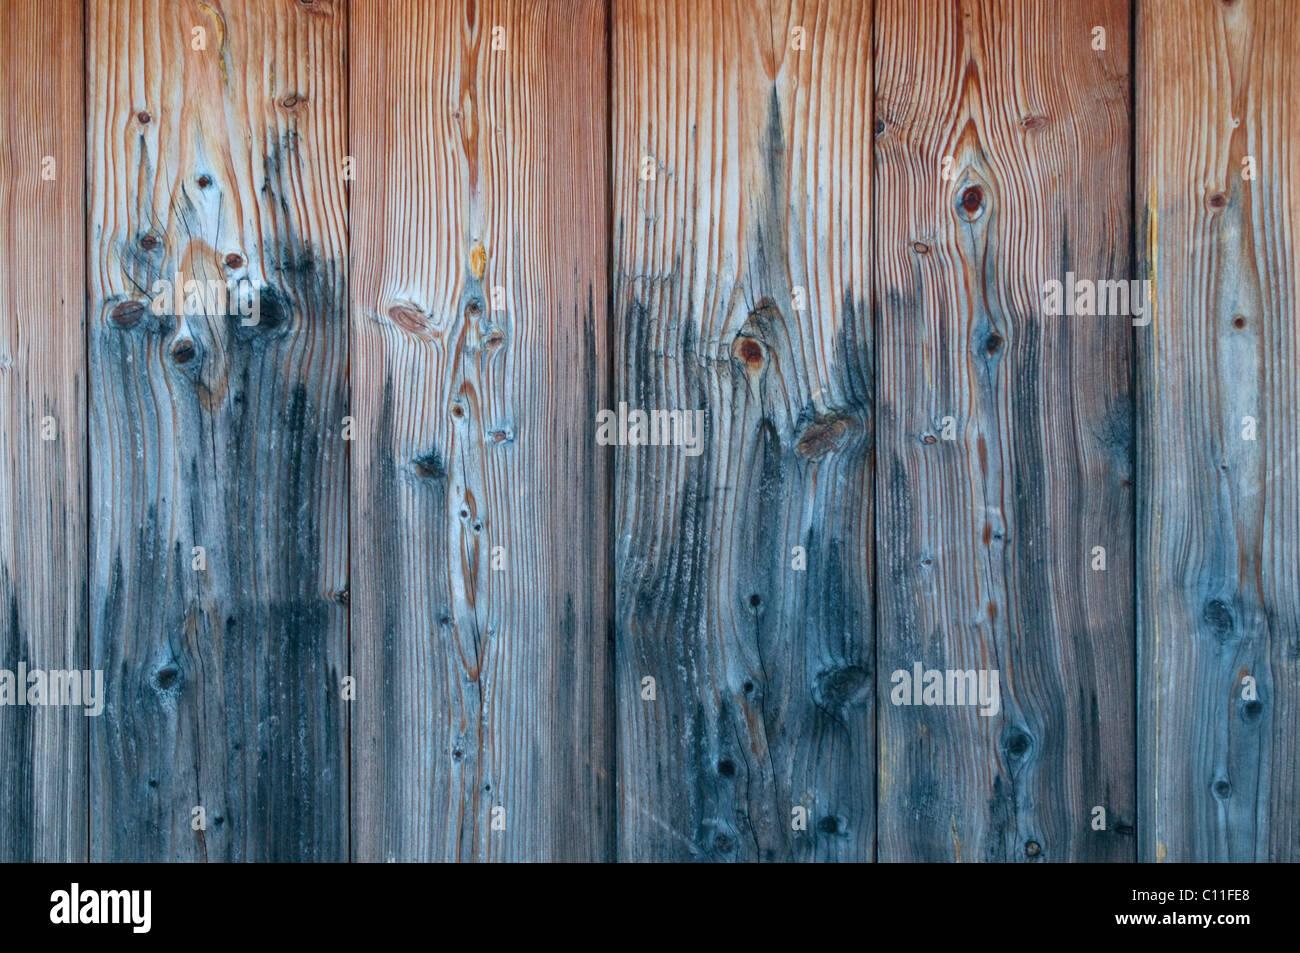 Detaillierten Holztafeln mit verwitterten Grauzonen, Hintergrund Stockbild